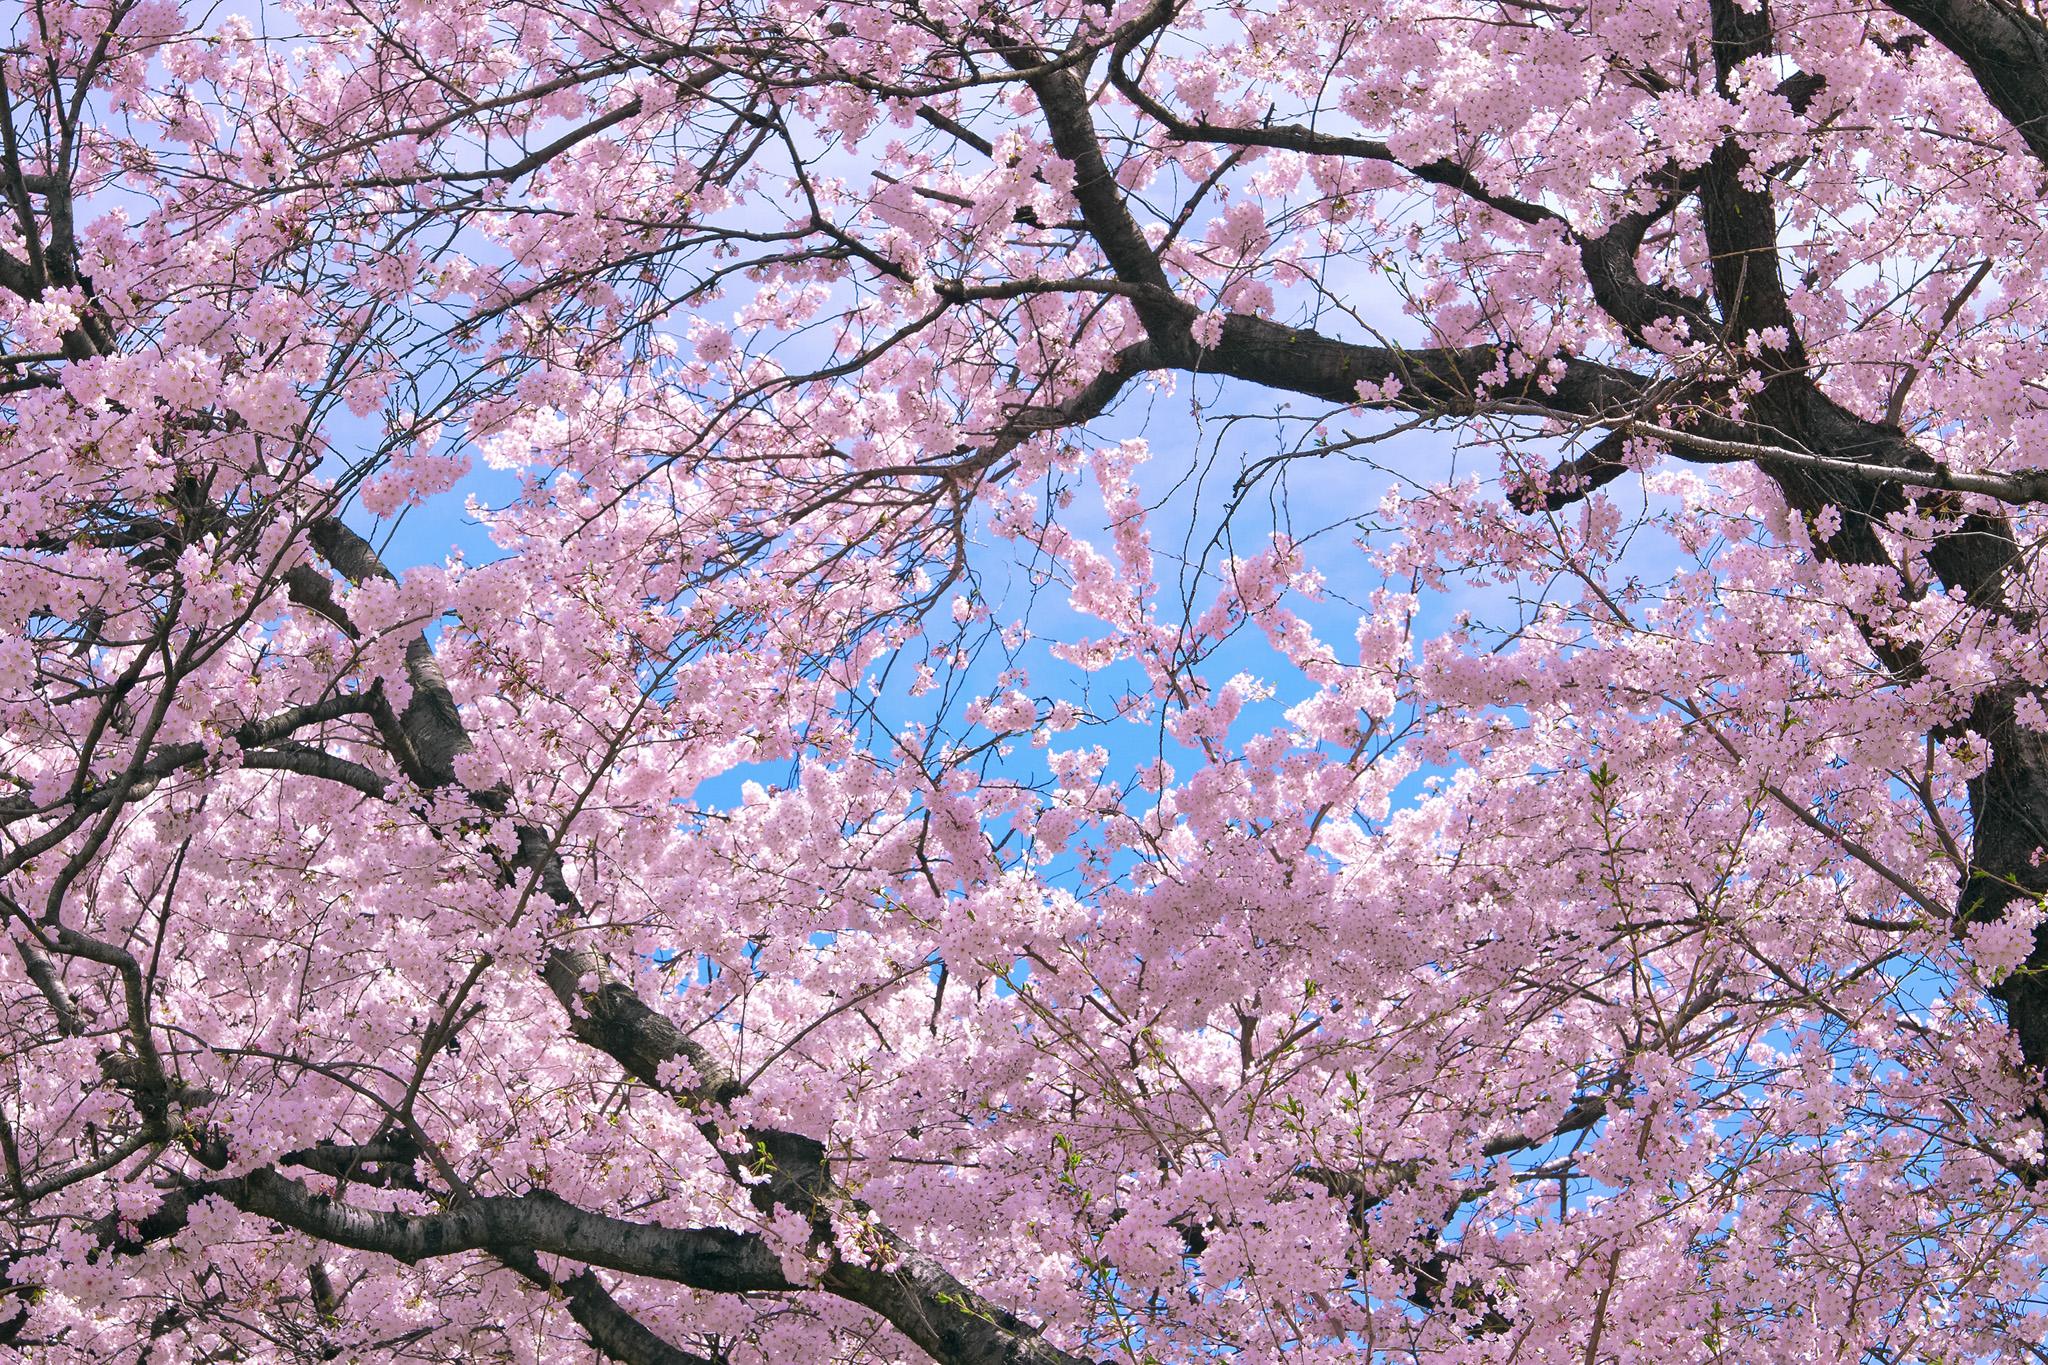 「咲き誇る見事な桜の大木」の素材を無料ダウンロード